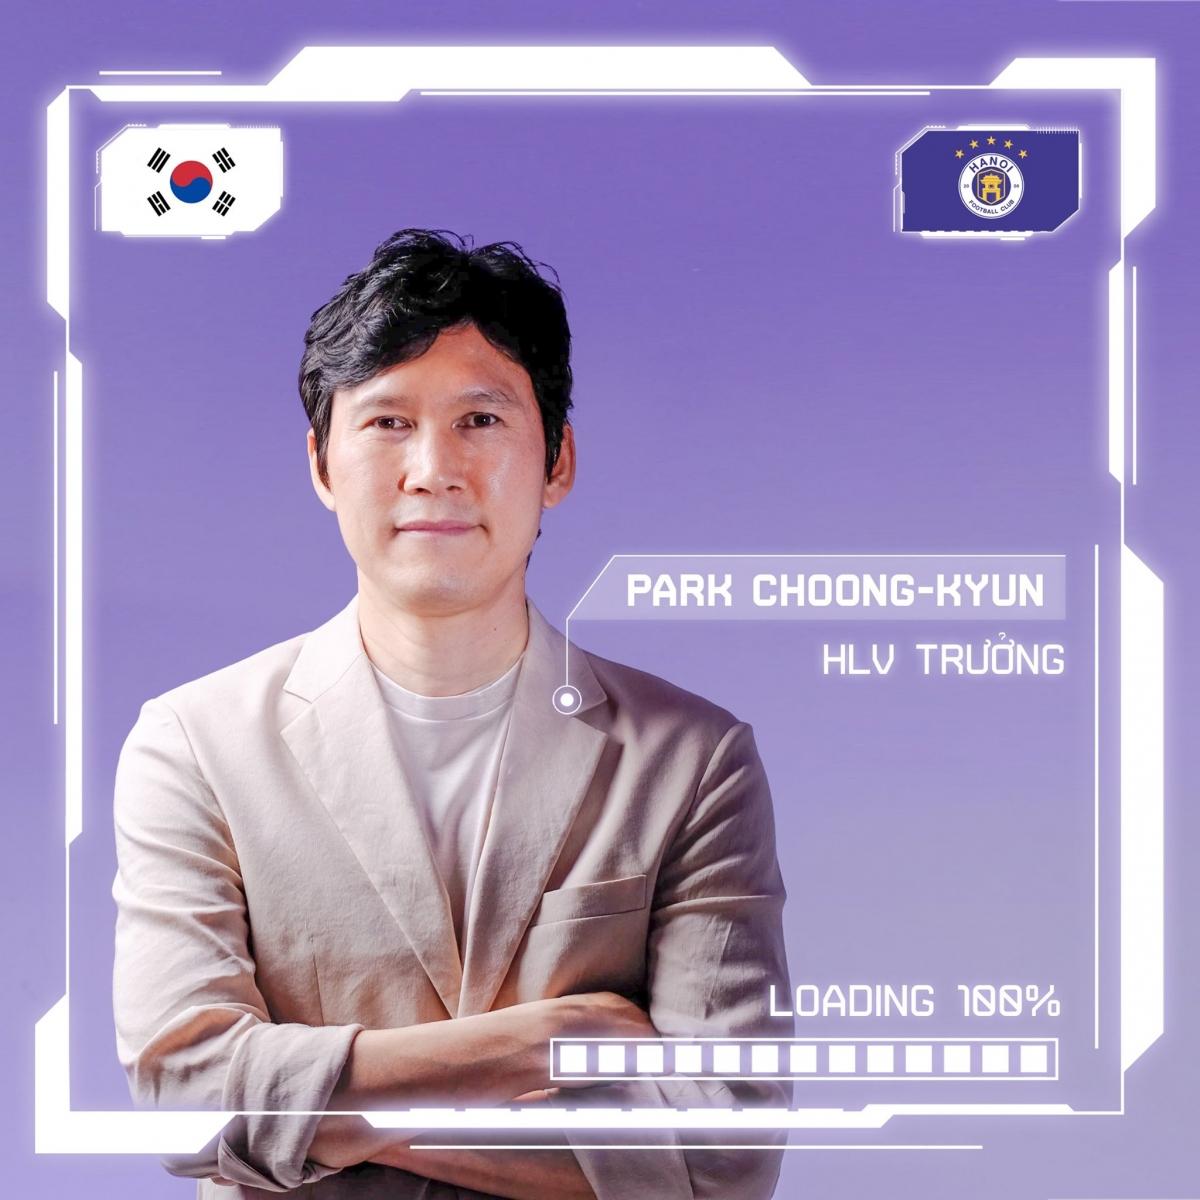 Hà Nội FC bổ nhiệm HLV Park Choong Kyun. (Ảnh: Hà Nội FC)